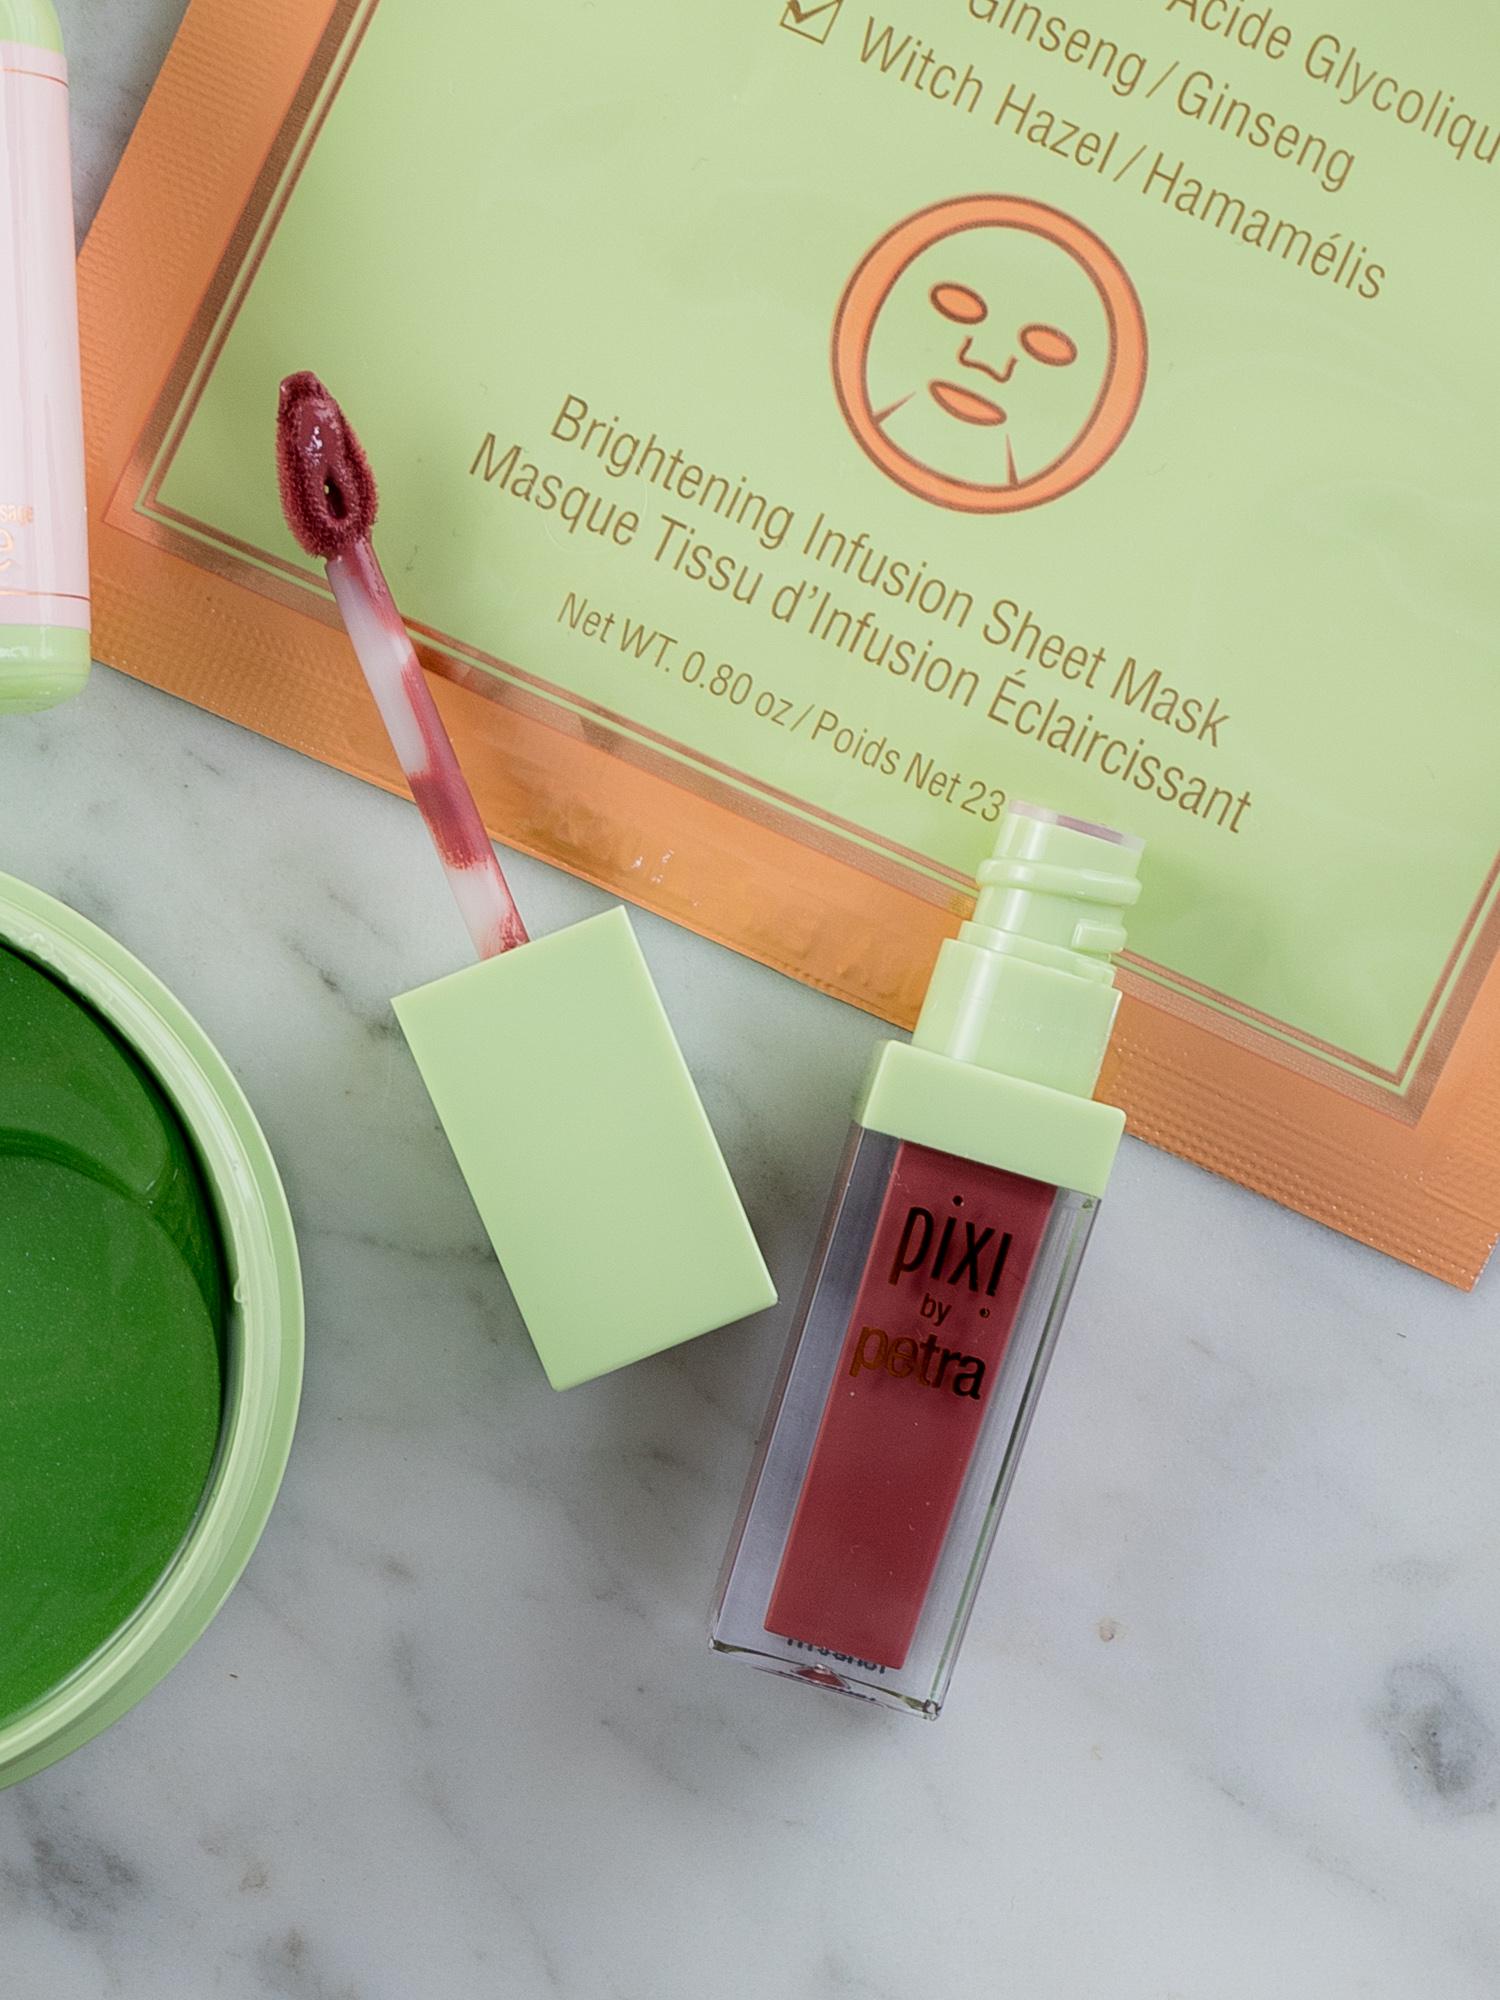 pixi MatteLast Liquid Lip